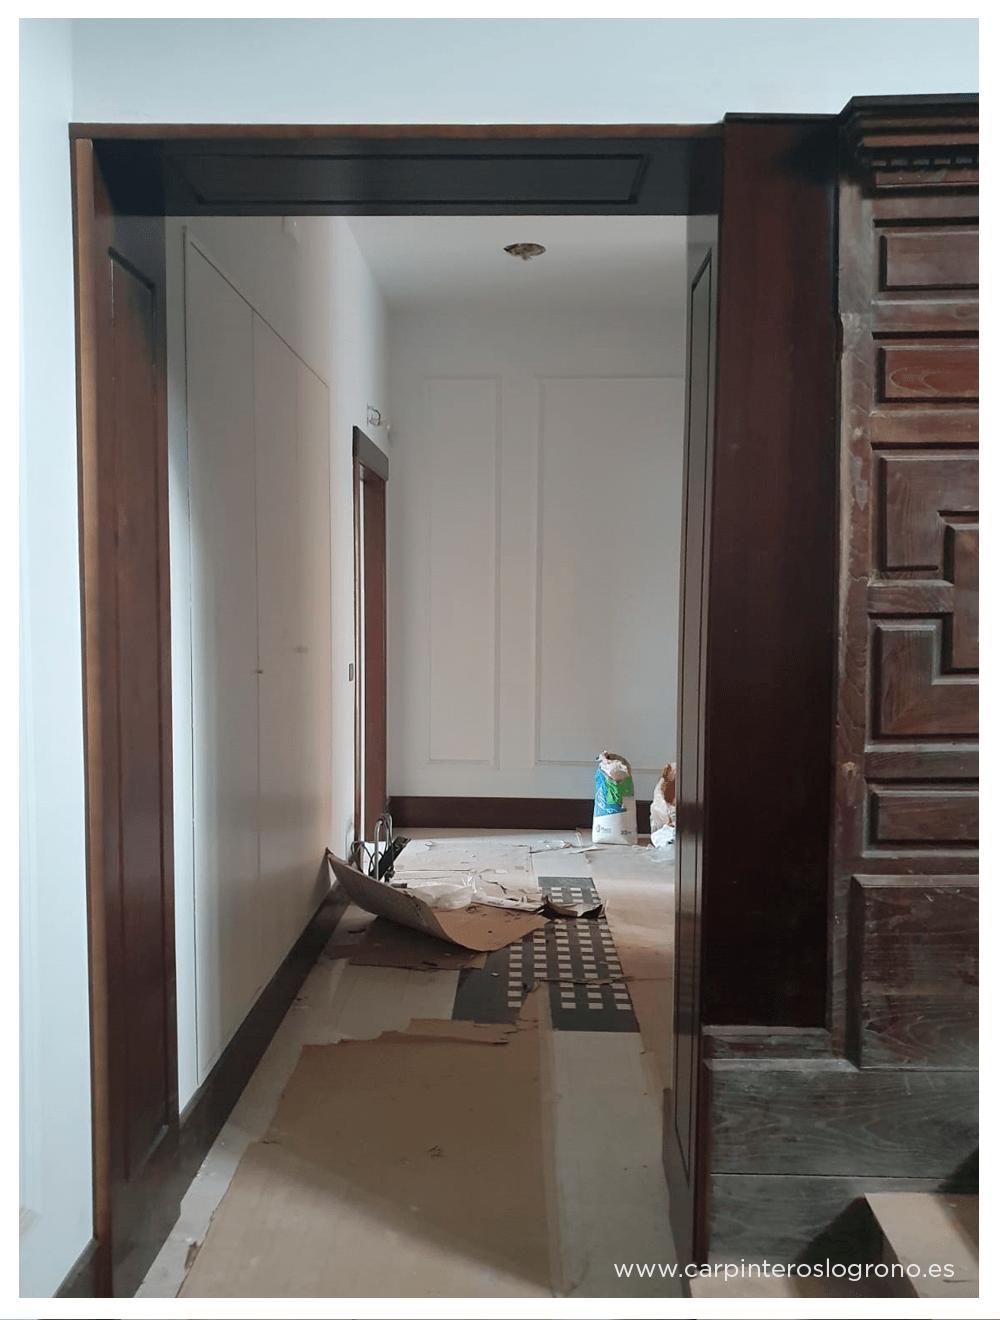 Restauración de carpintería en Getxo